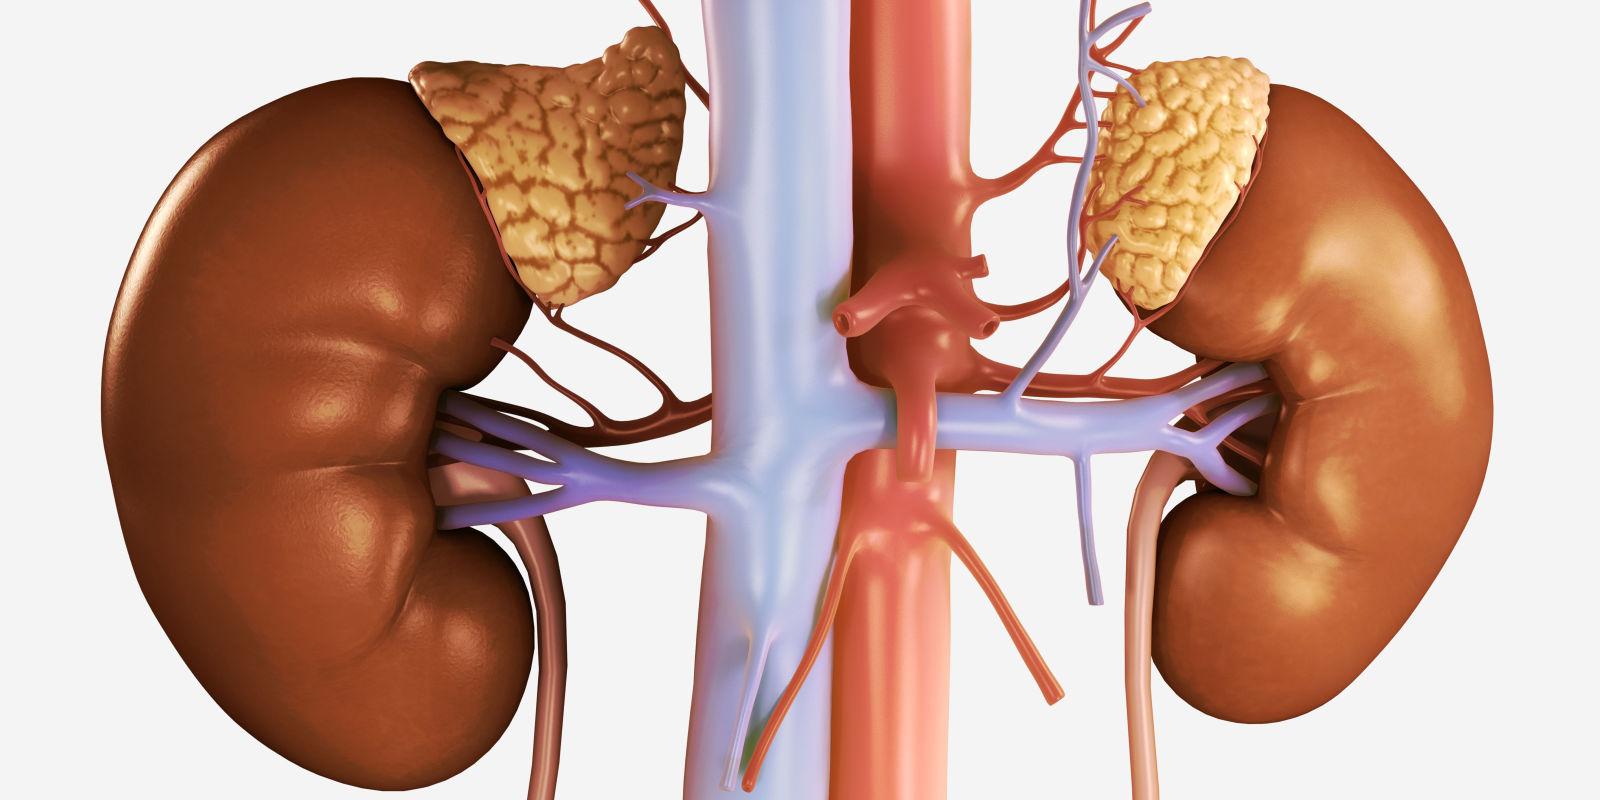 Riñones con sus glándulas suprarrenales, que son las que no producen cortisol en la enfermedad de insuficiencia suprarrenal o adrenal